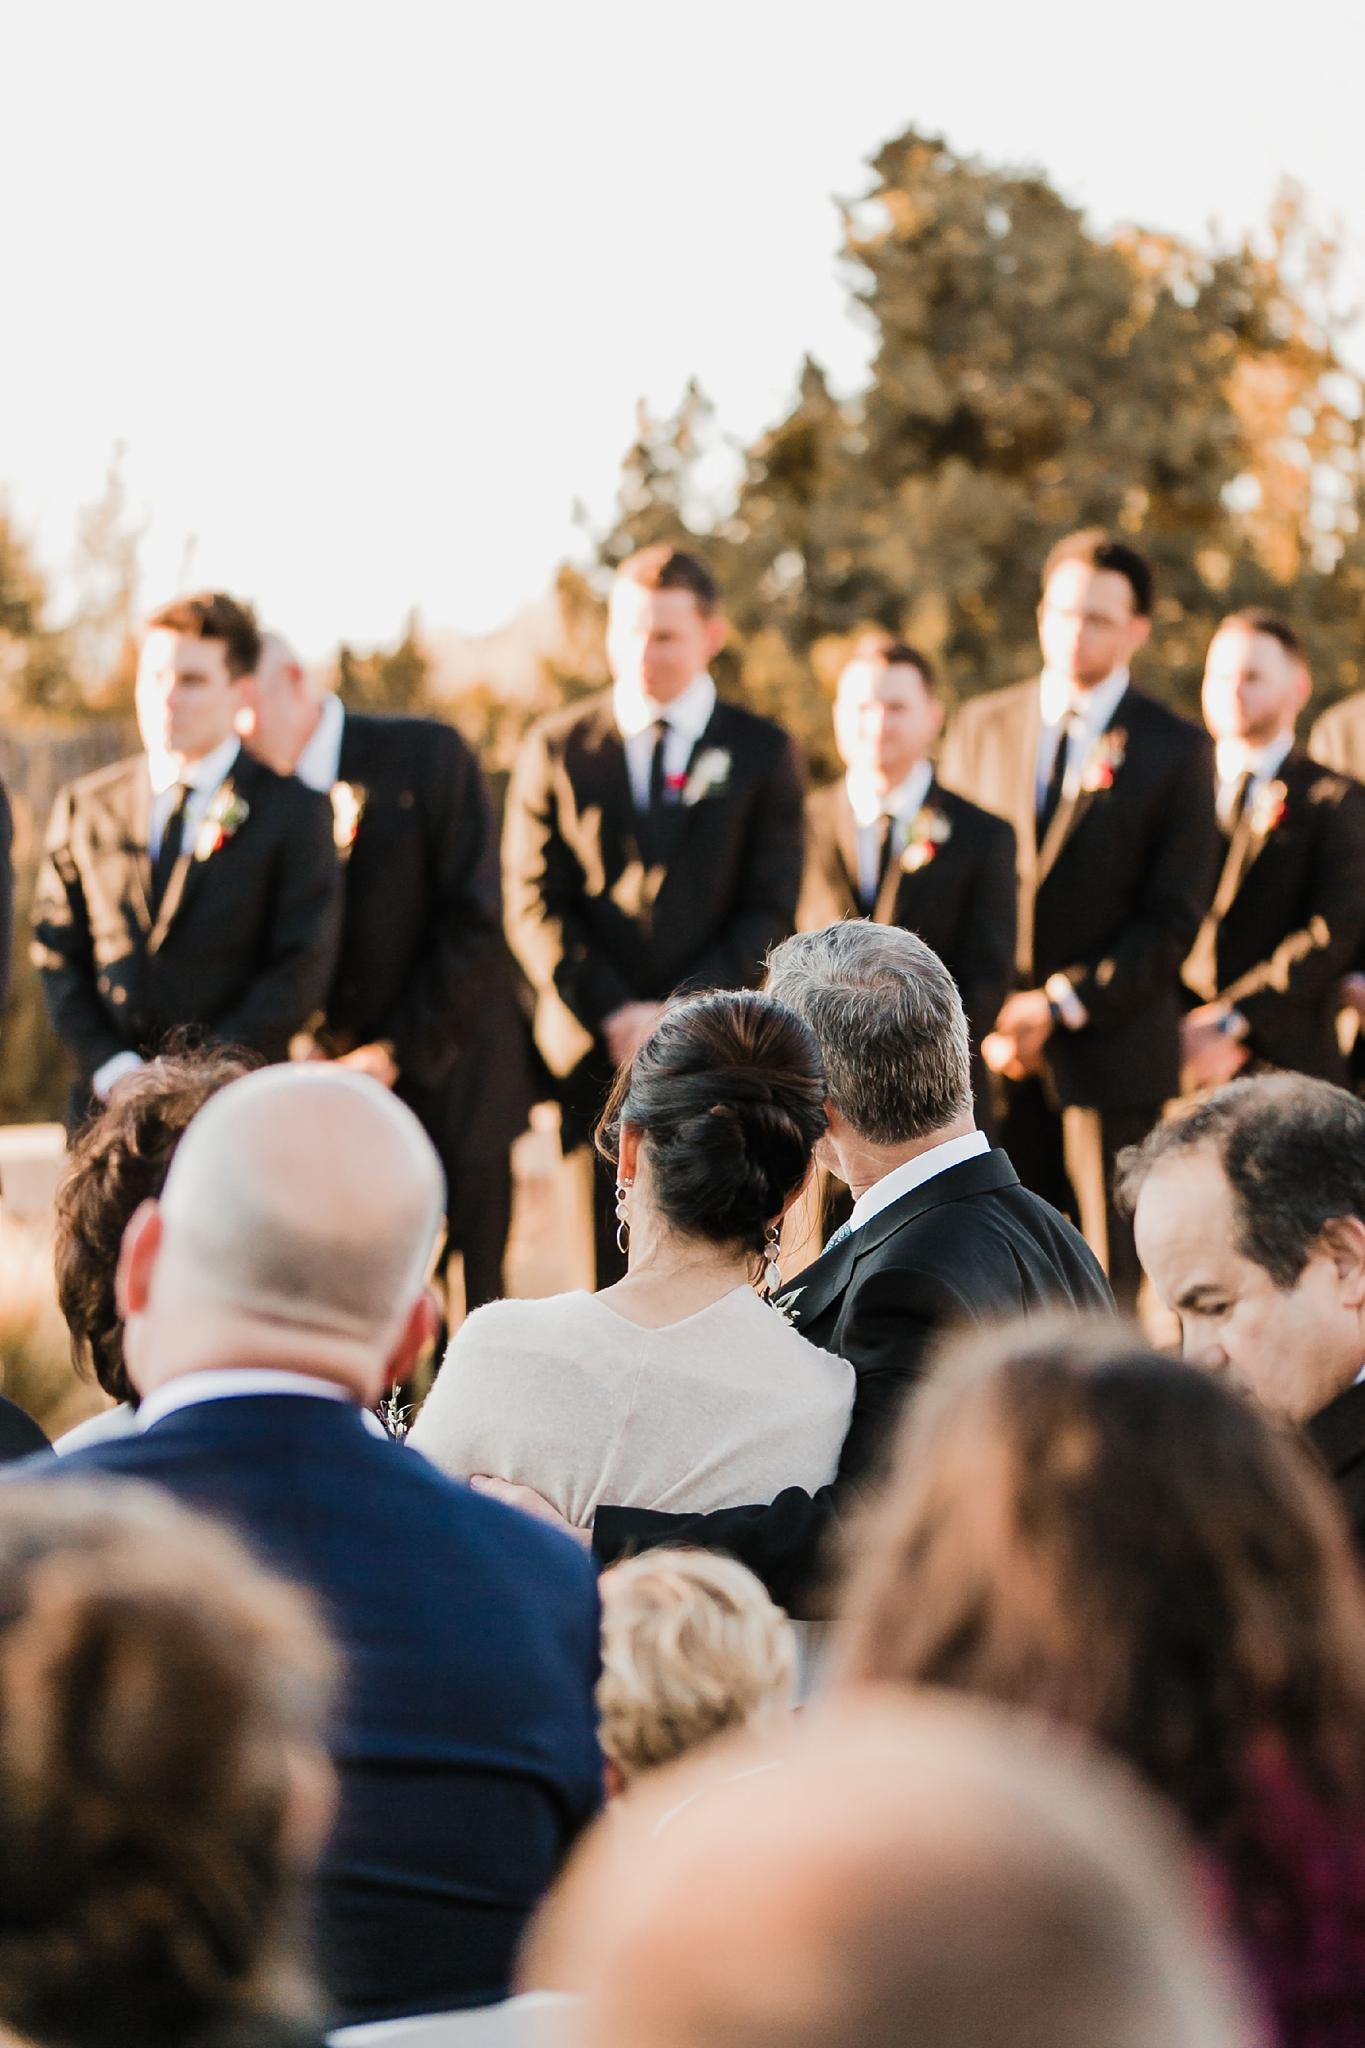 Alicia+lucia+photography+-+albuquerque+wedding+photographer+-+santa+fe+wedding+photography+-+new+mexico+wedding+photographer+-+new+mexico+wedding+-+santa+fe+wedding+-+four+seasons+wedding+-+winter+wedding_0060.jpg